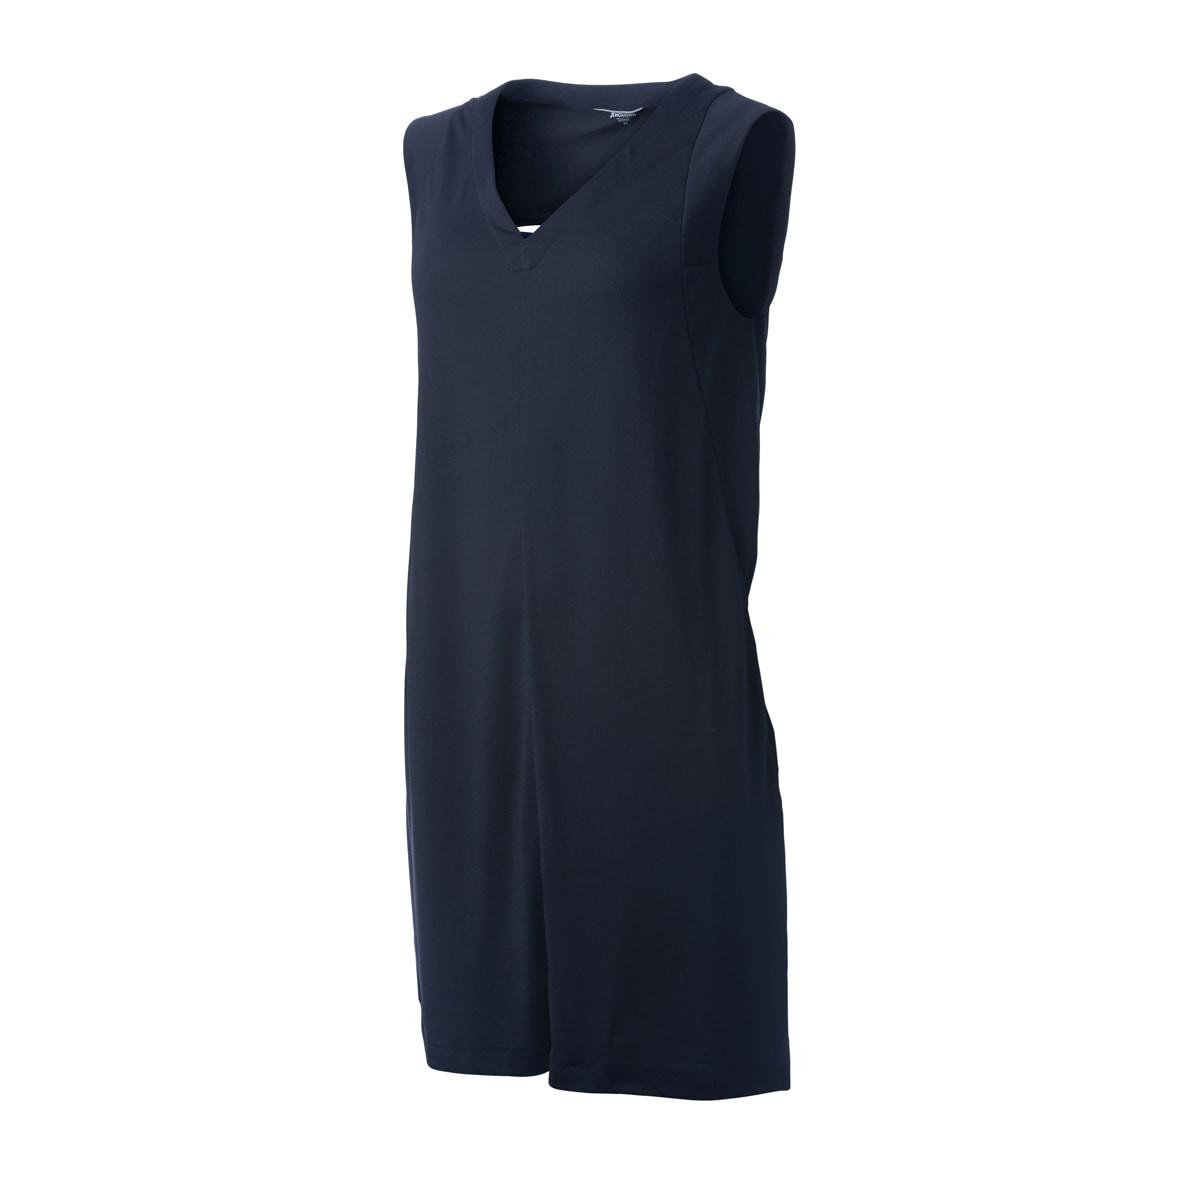 b45a3d5f Houdini W's Ooh (Out Of Here) Dress Big Bang Blue - Skjørt og kjoler ...